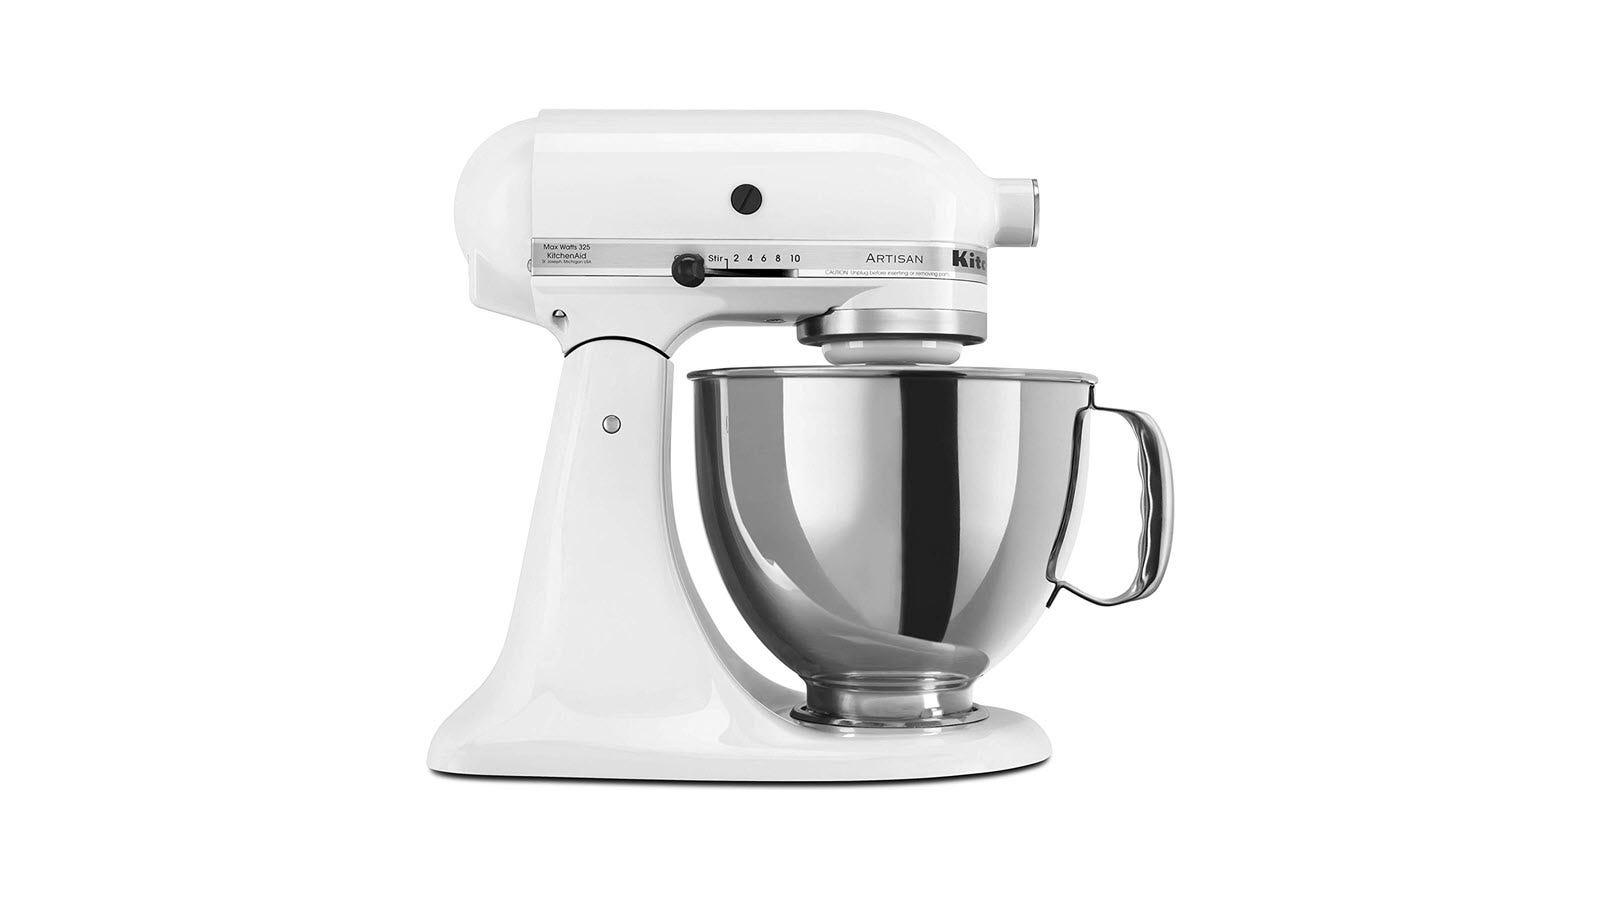 A white KitchenAid mixer with silver bowl.